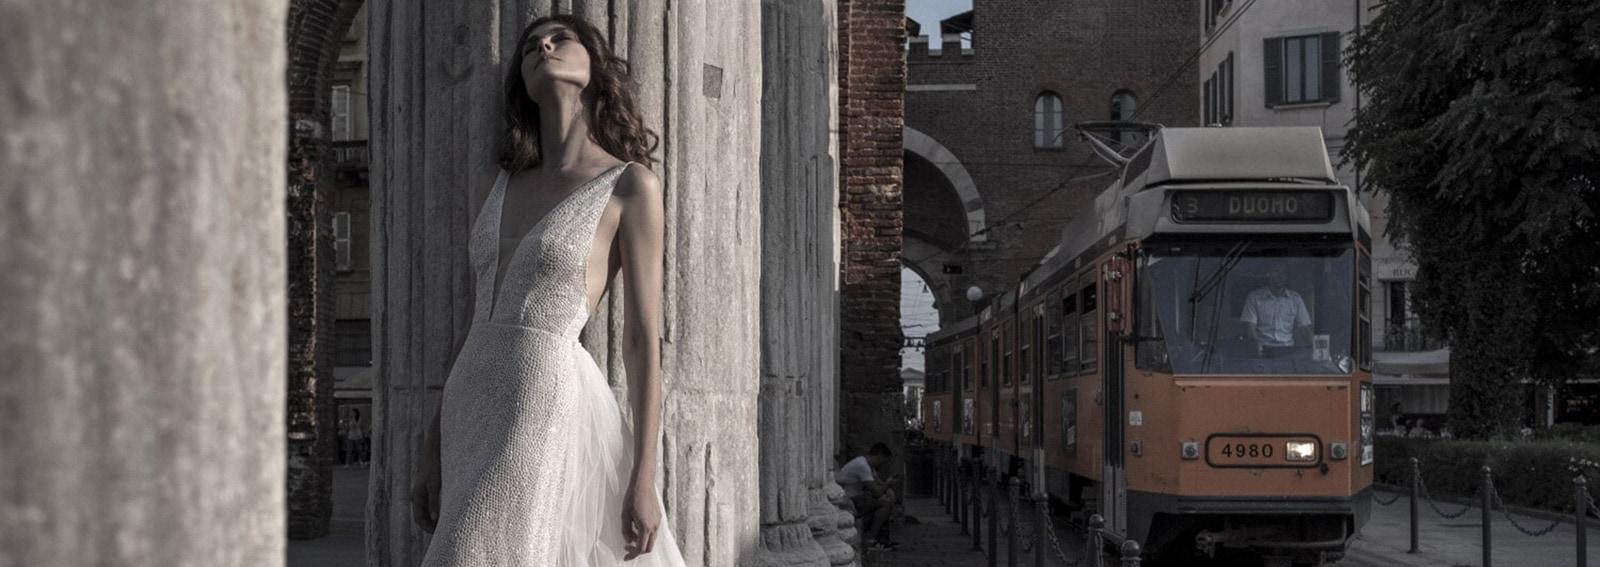 COVER-abiti-da-sposa-milano-DESKTOP